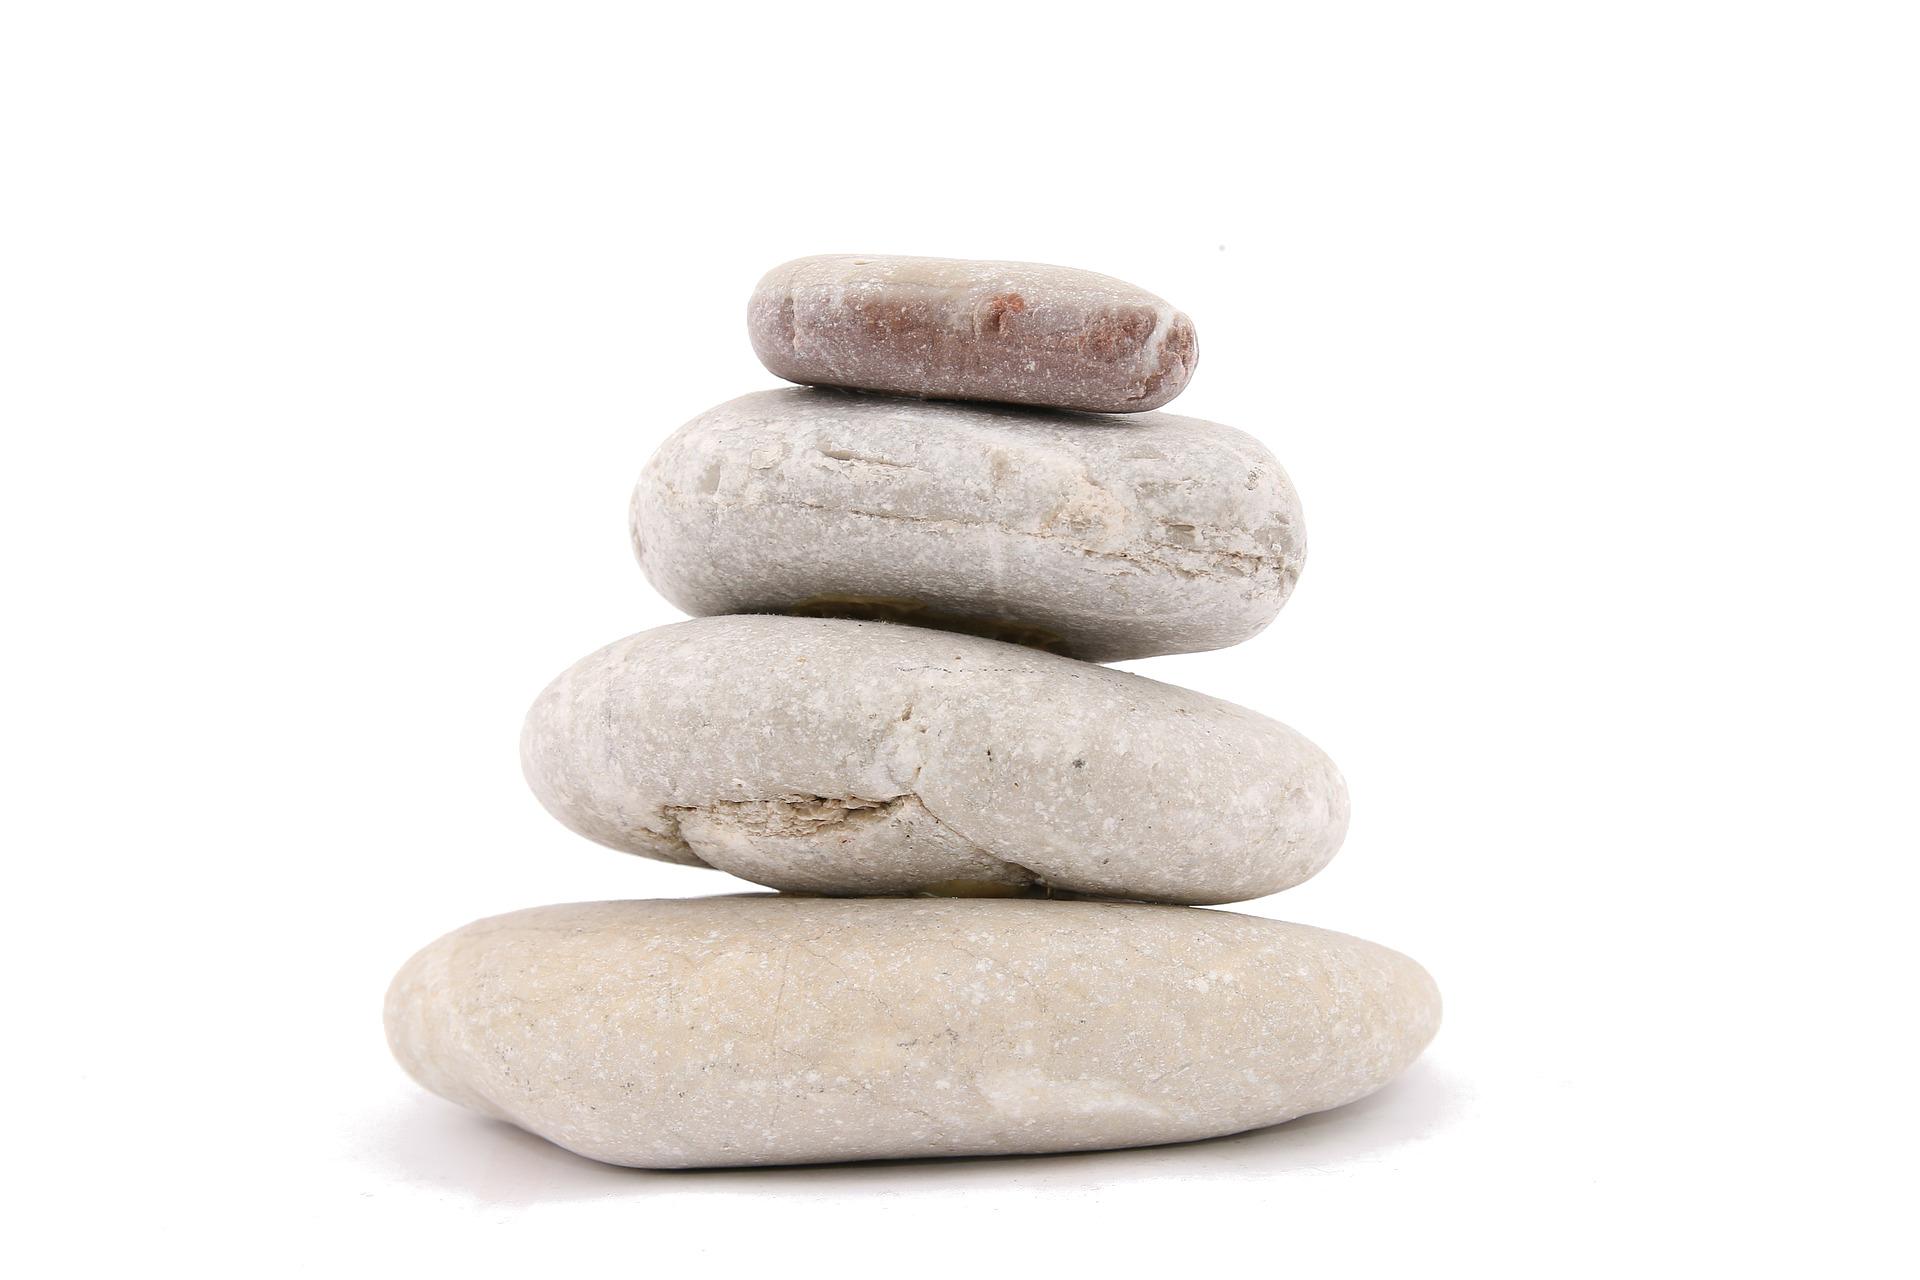 isitzen-zen-stones-stacked-2018-01-clean.jpg